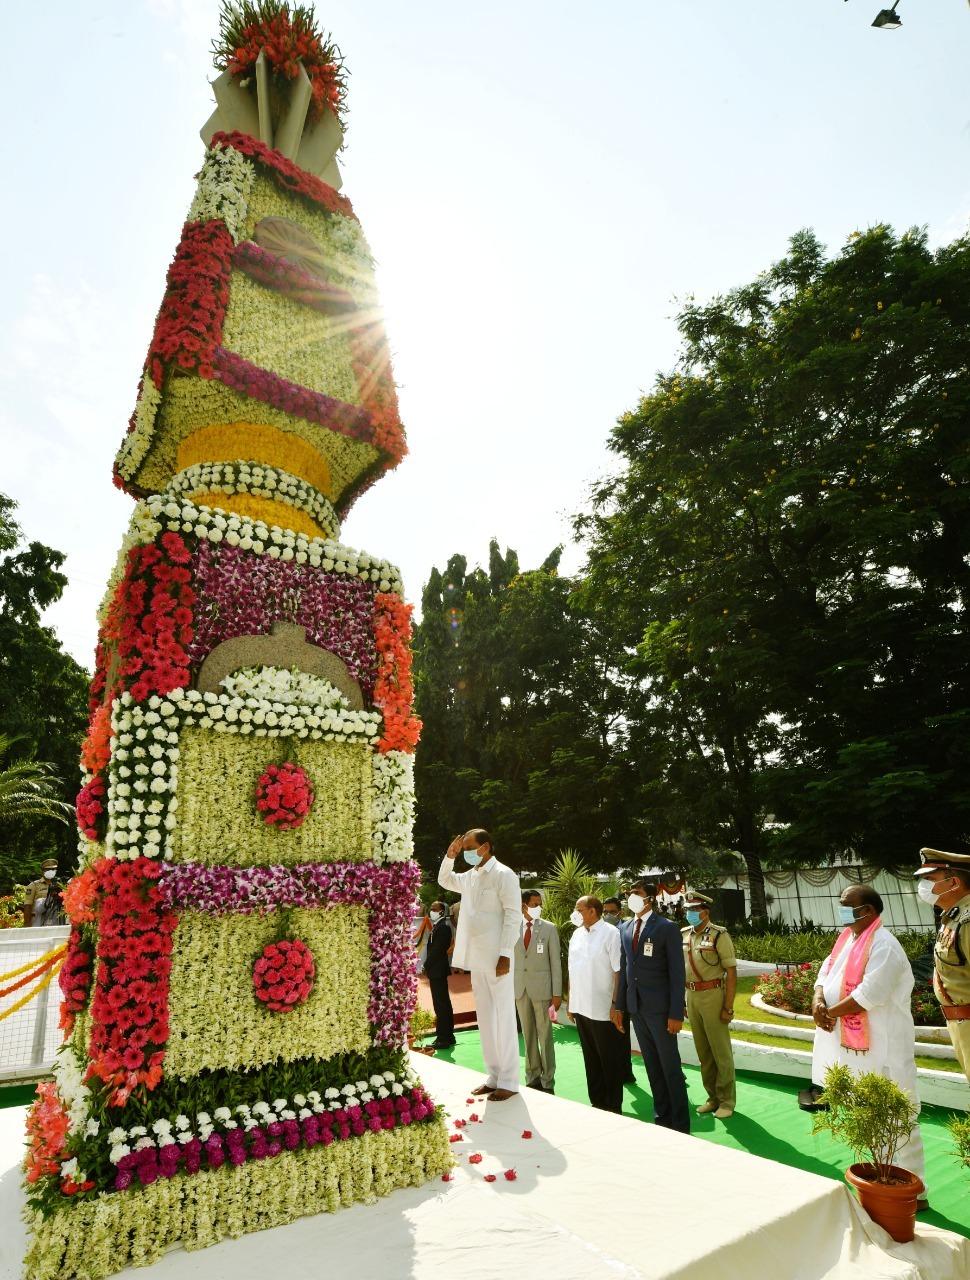 గన్పార్క్ వద్ద అమరవీరులకు సీఎం కేసీఆర్ నివాళులు